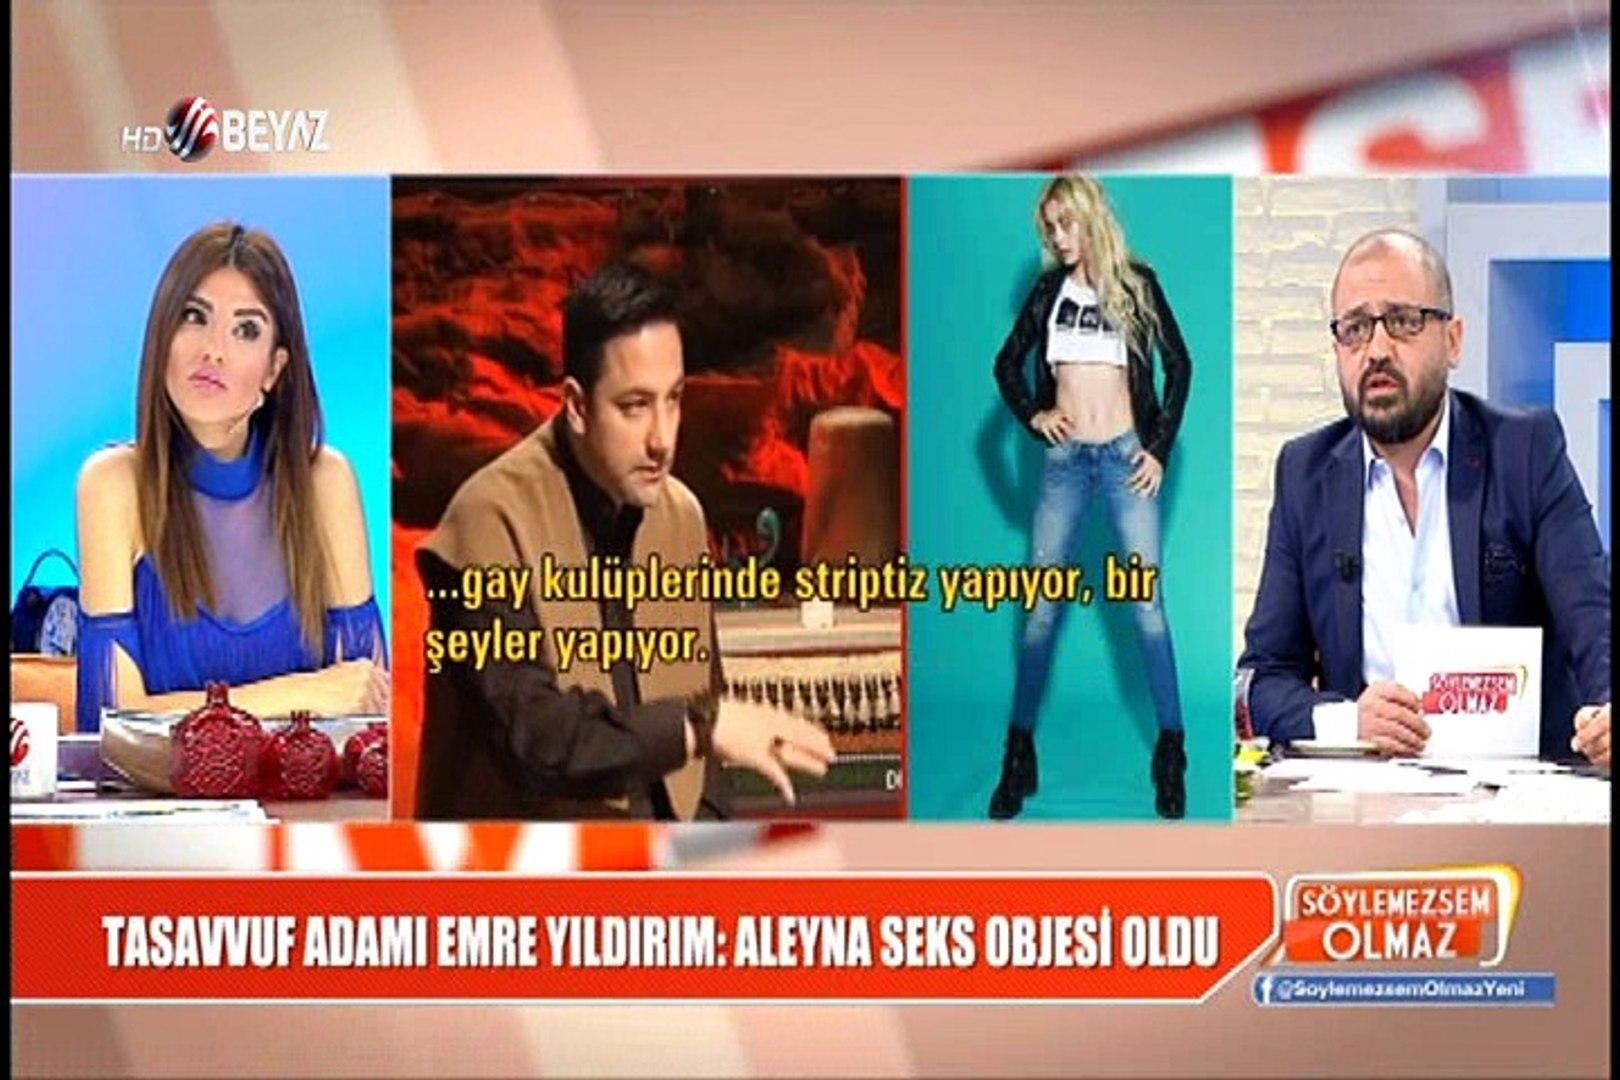 Sufi Emre Yıldırım'dan Aleyna Tilki için şok yorumlar